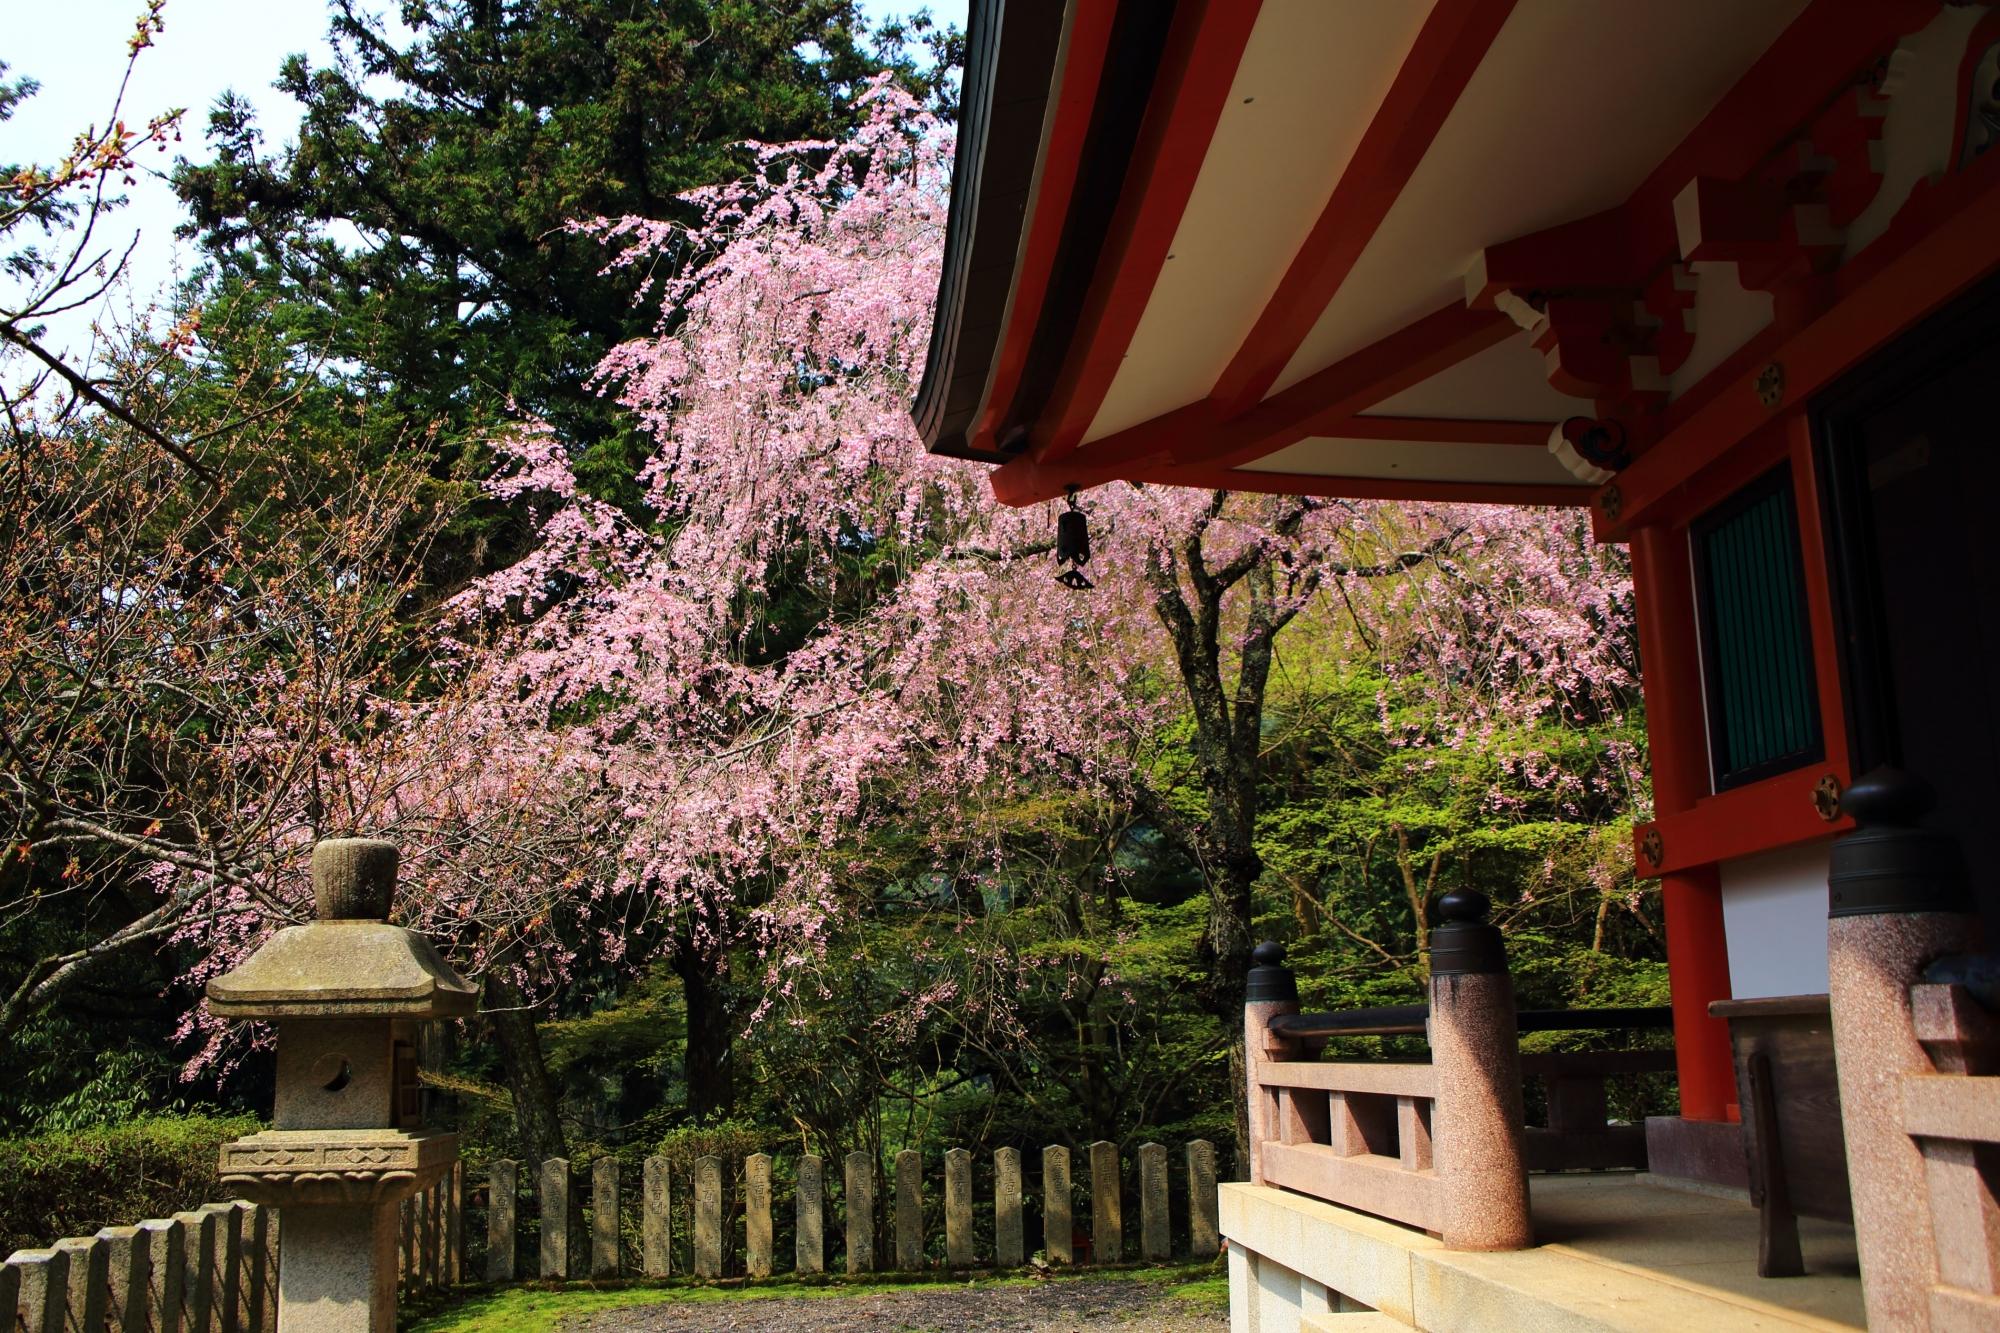 多宝塔の屋根の庇の下から見える風情あるしだれ桜